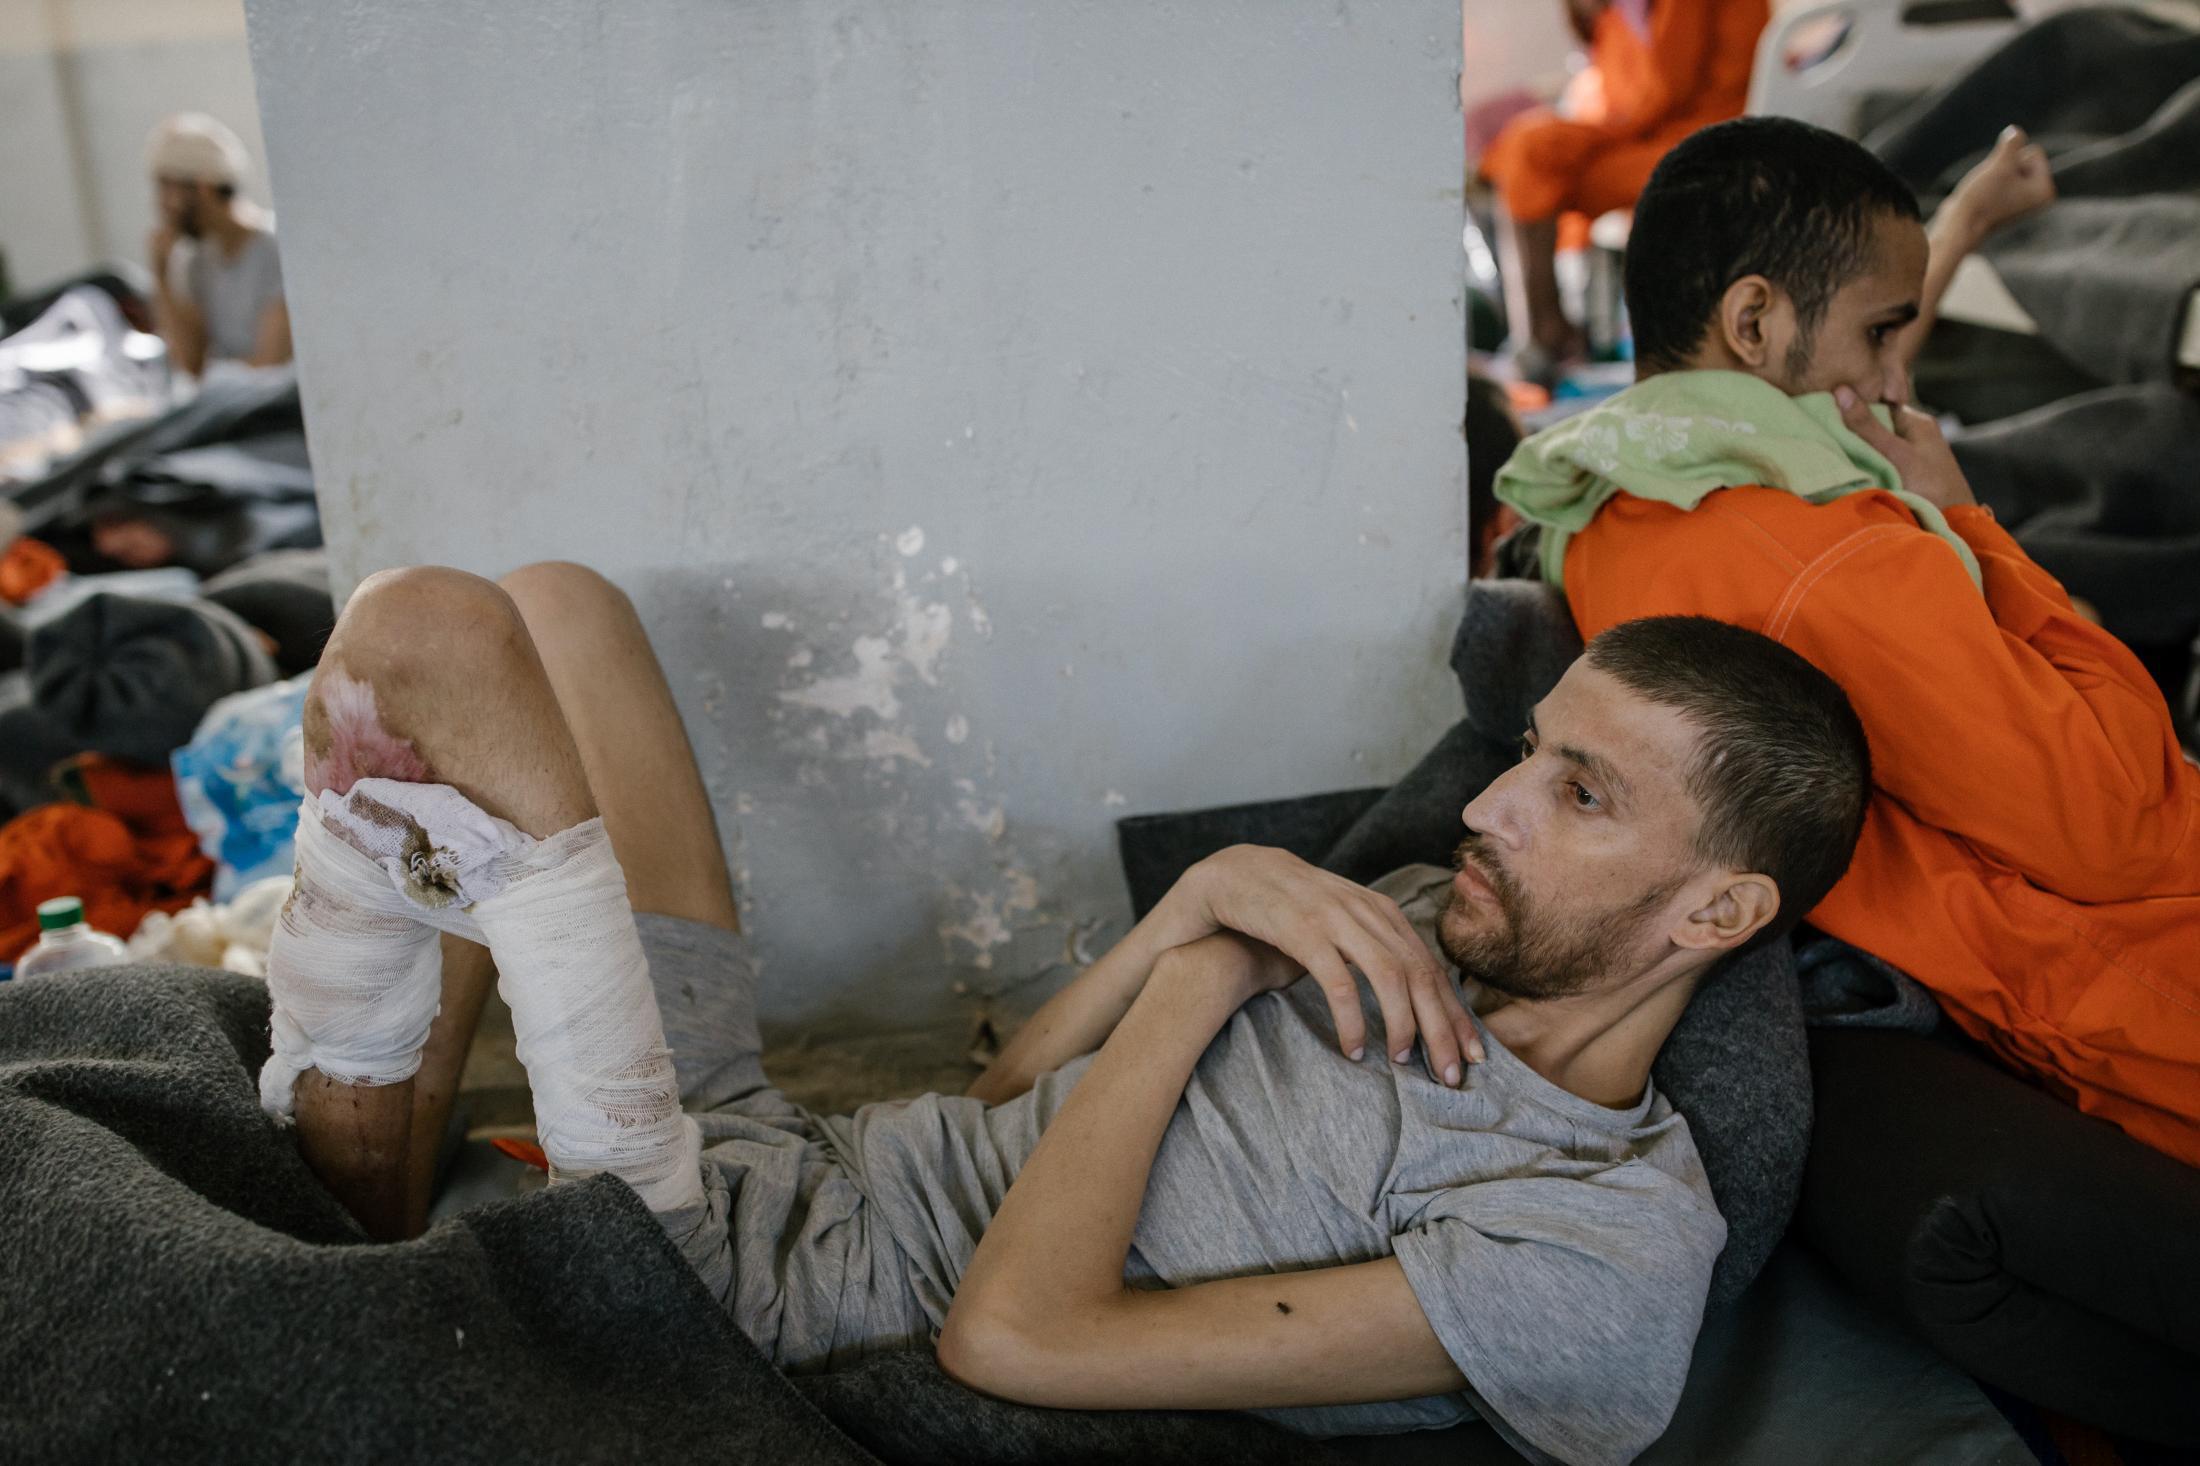 Le 30 octobre 2019, Nord Est de la Syrie. Une prison abrite des supposés membres de Daesh. Environ 5000 détenus vivraient ici. La prison est ouverte depuis 4mois. Elle est surpeuplée. Cette immense pièce sert d'hopital. Les blessés et les malades vivent ici. Les plus chanceux dorment dans un lit. D'autres sur un matelas en mousse à même le sol. Beaucoup souffrent de plaies infectées et de malnutrition comme cet homme d'origine étrangère. ( Non syrien)